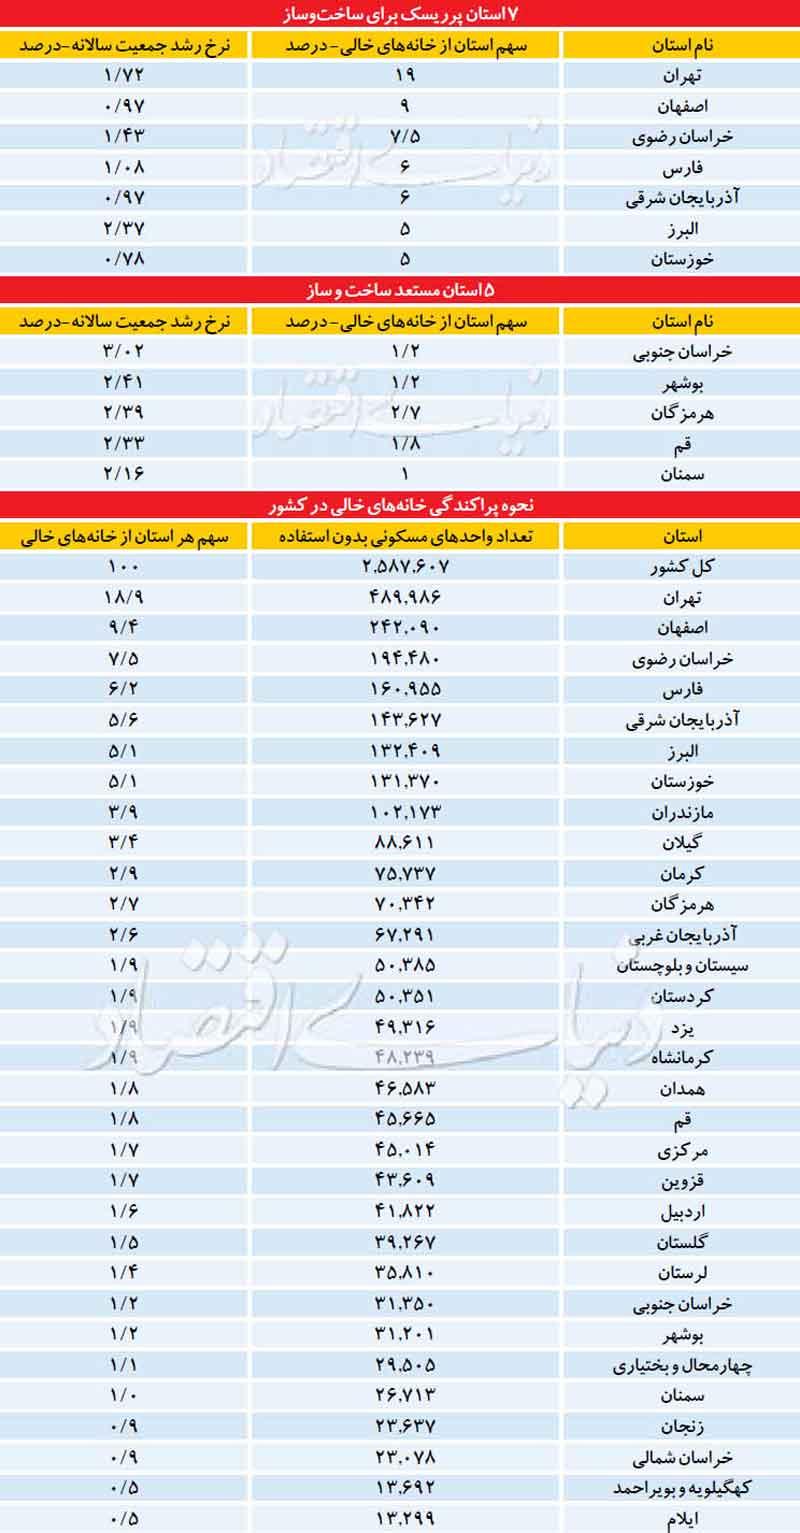 جدول آماری پراکندگی ساخت و ساز مسکن در استان ها